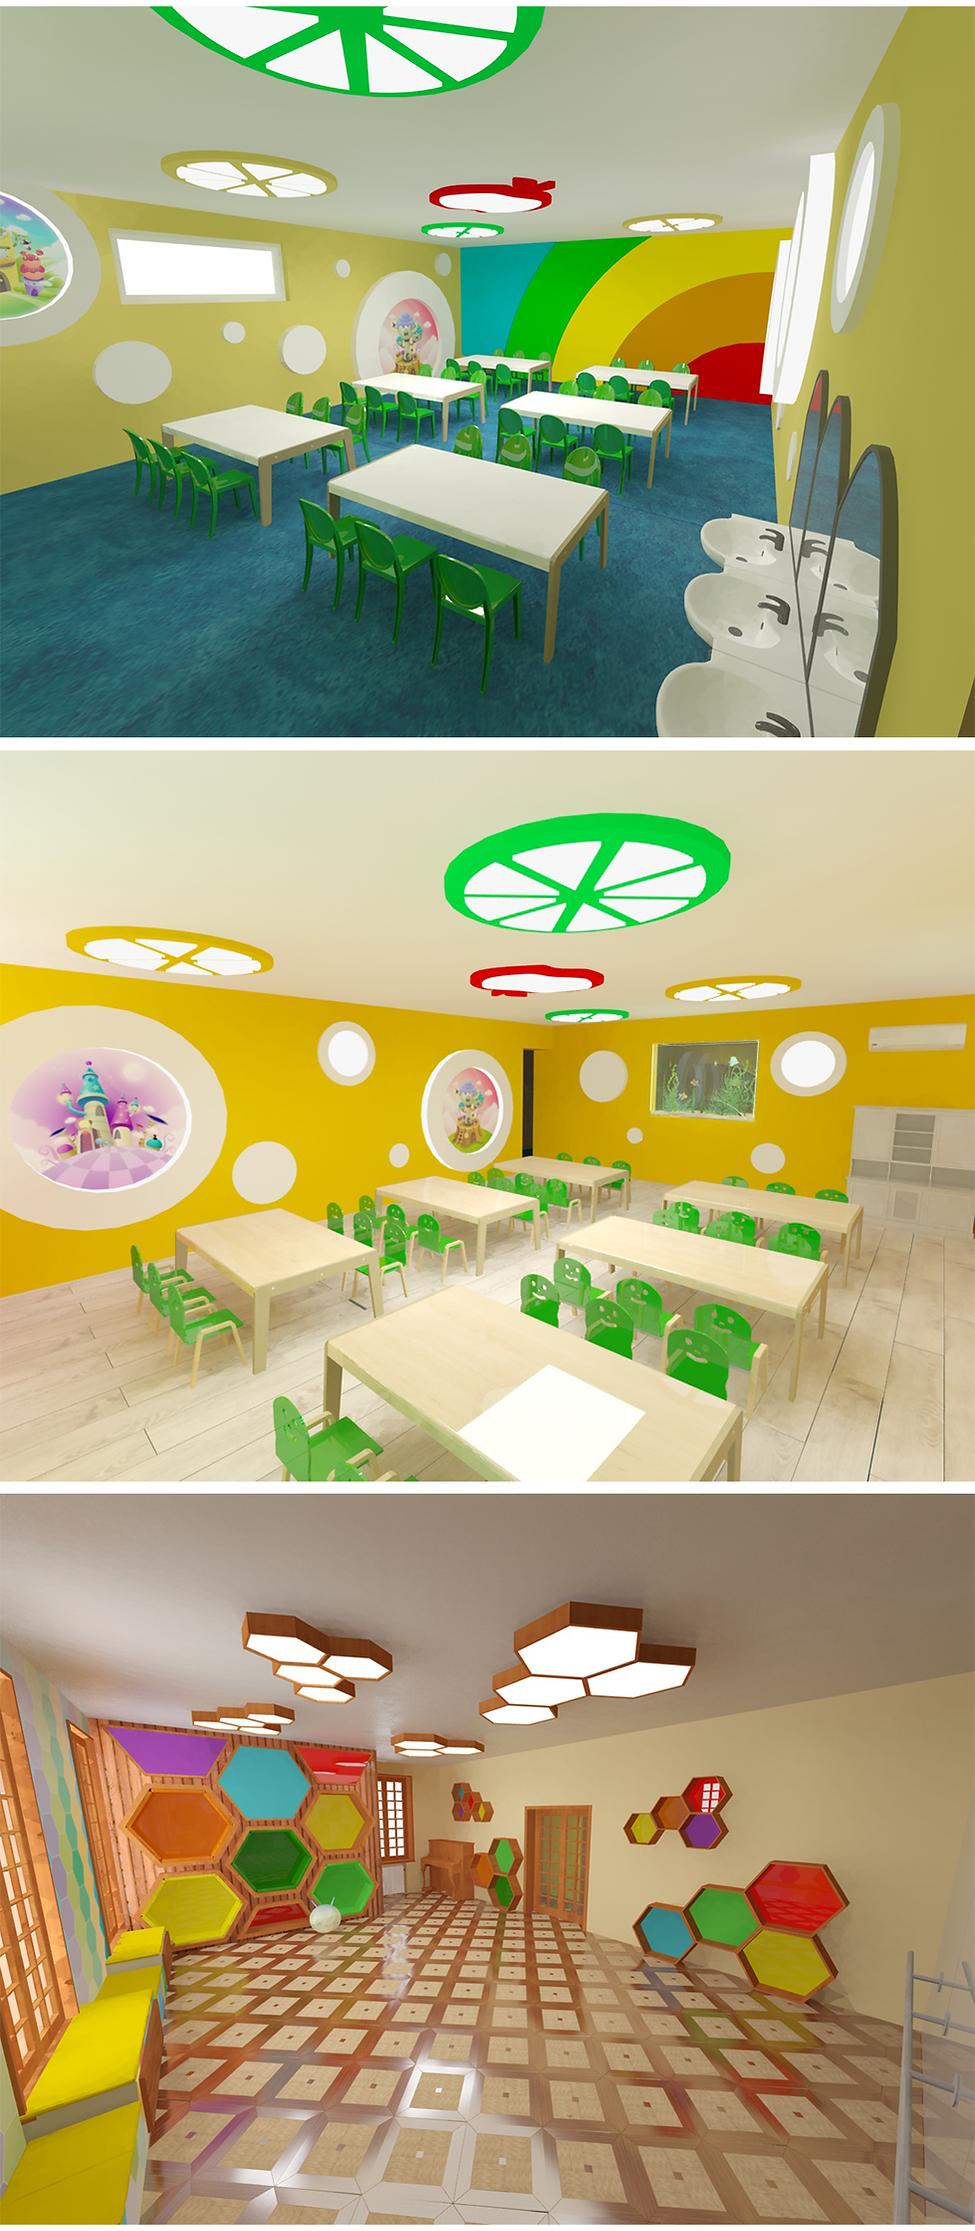 საბავშვო ბაღის ინტერიერის დიზაინი